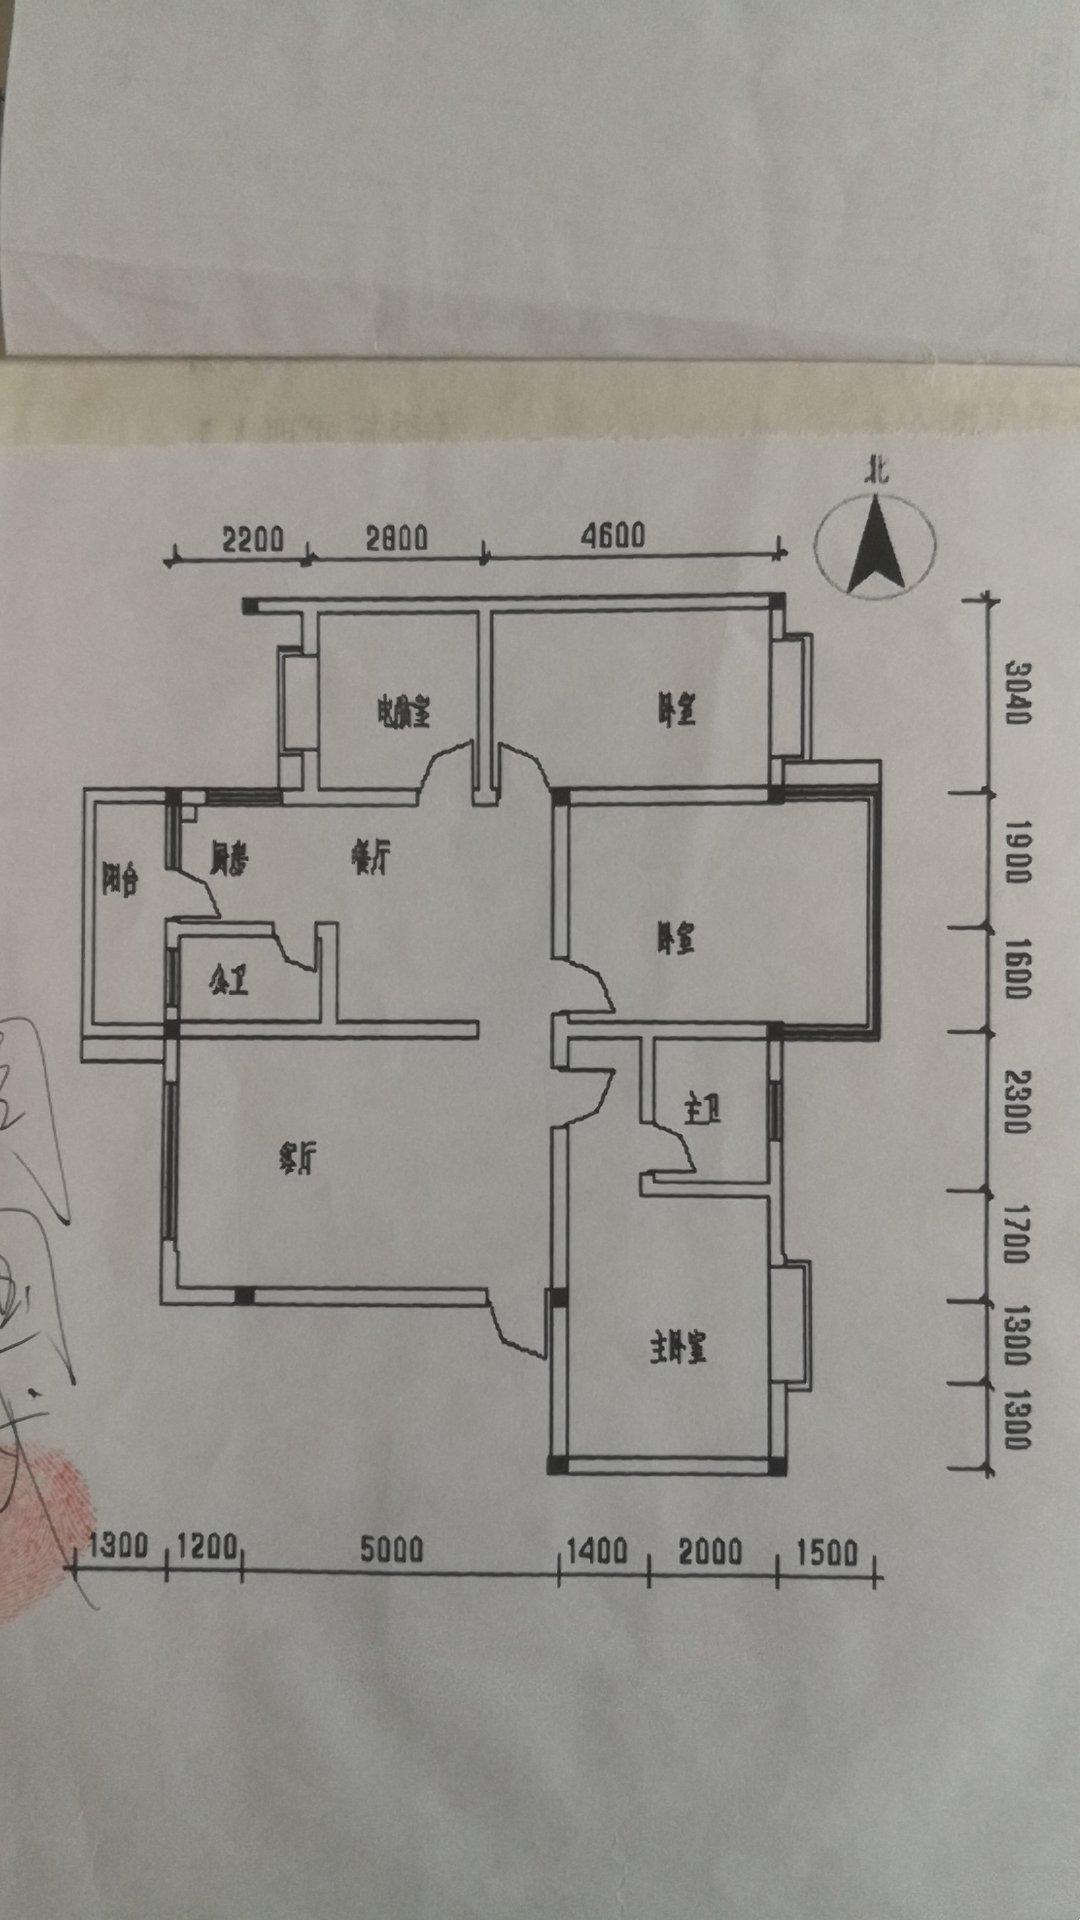 八里街緯四路清華苑4室2廳2衛 有證